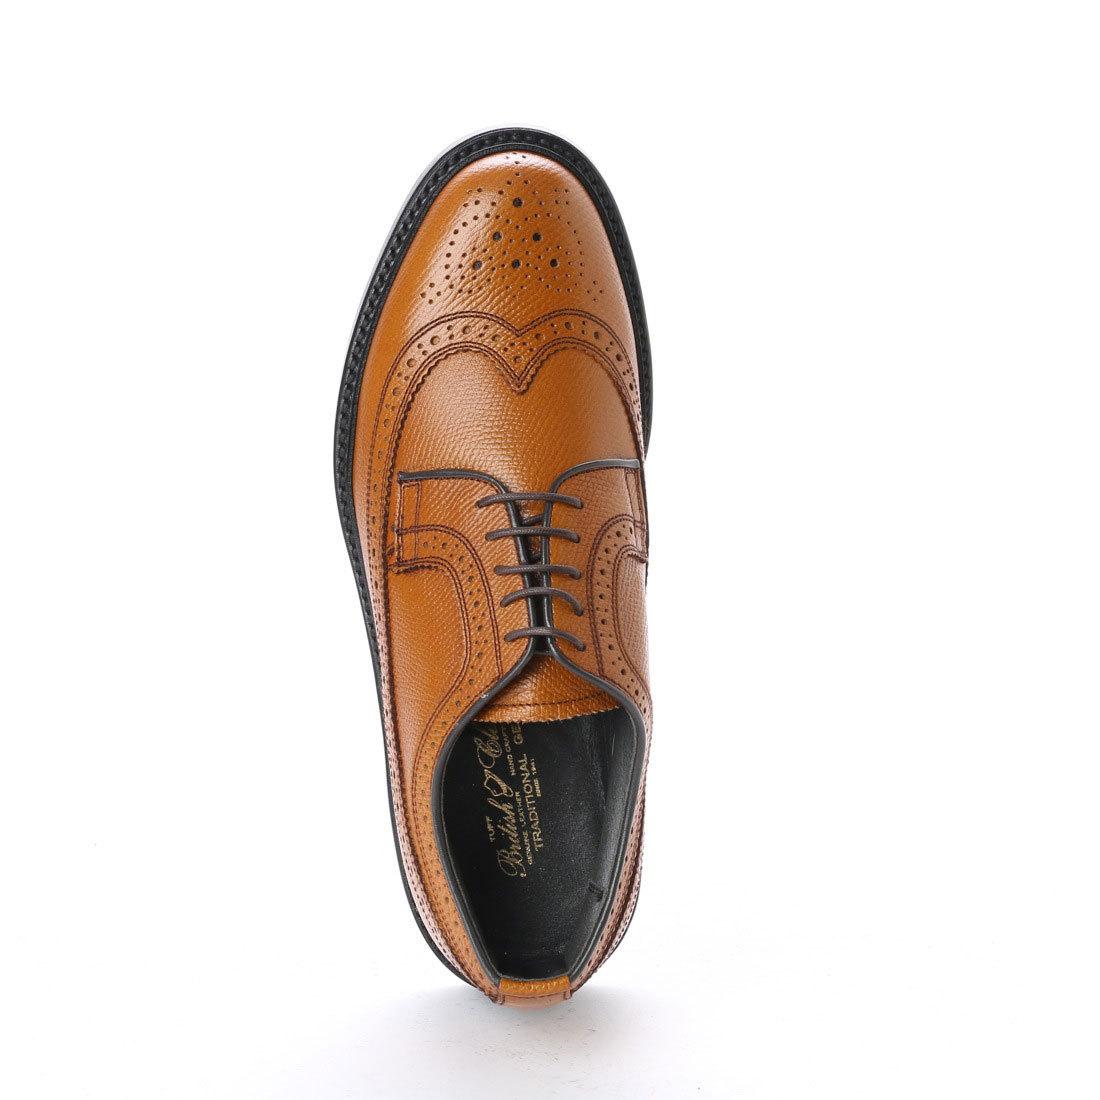 【アウトレット】【リーガル 外注工場】【レザーソール】紳士靴 革靴 メンズ ビジネスシューズ ウィングチップ 5154 ブラウン 茶 26.0cm